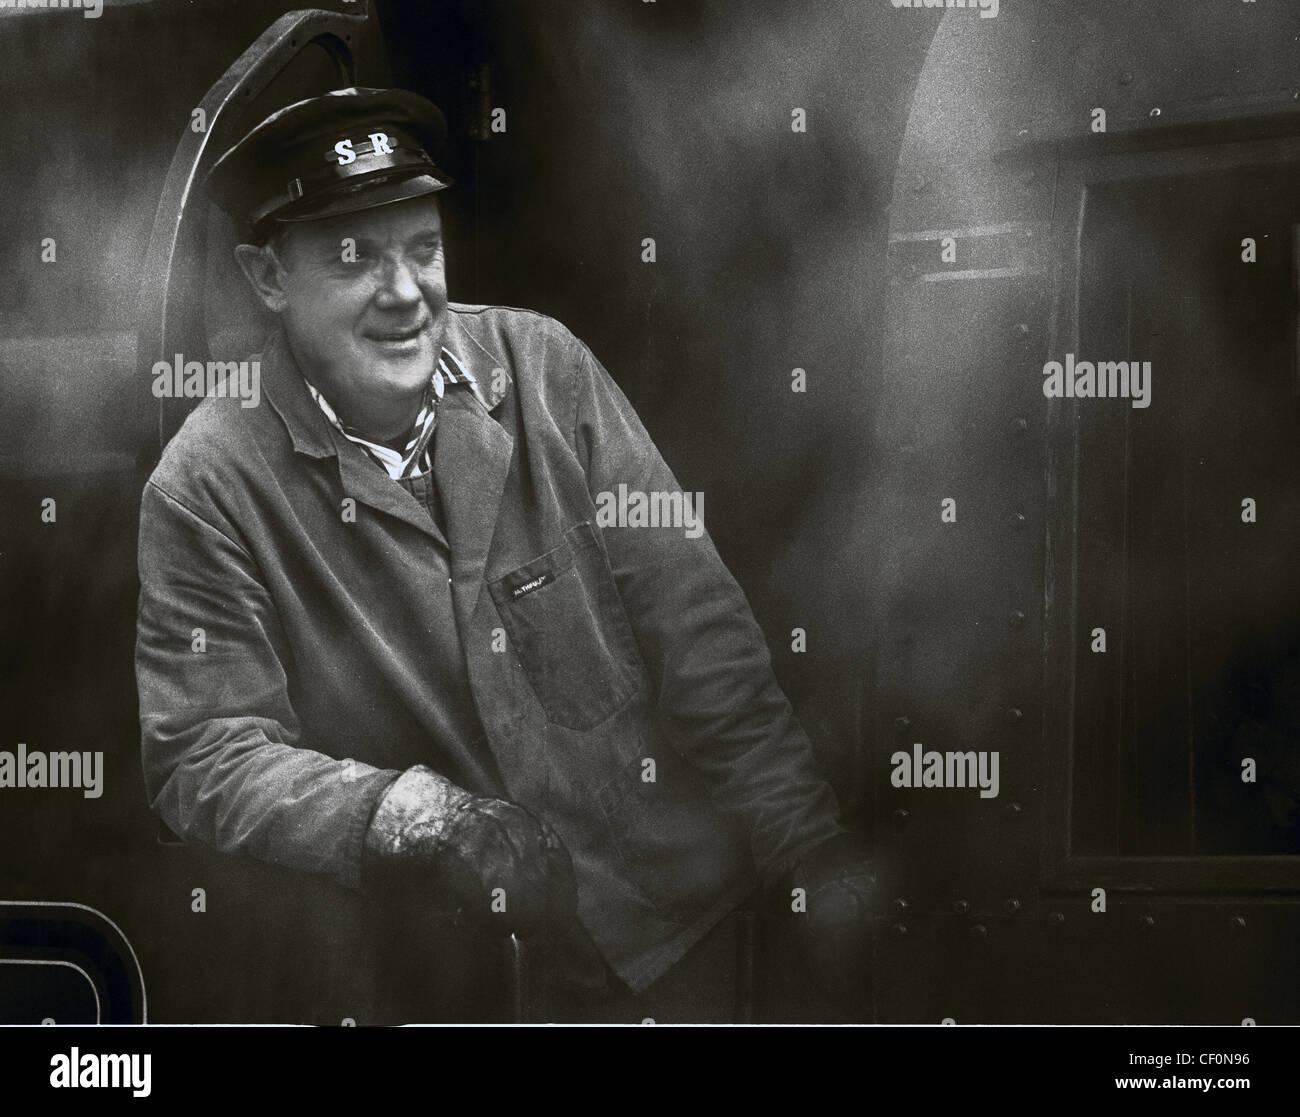 Laden Sie dieses Alamy Stockfoto Dampf-Lokführer auf der Swanage Railway, Dorset, Südwest-England, UK in Monochrom - CF0N96